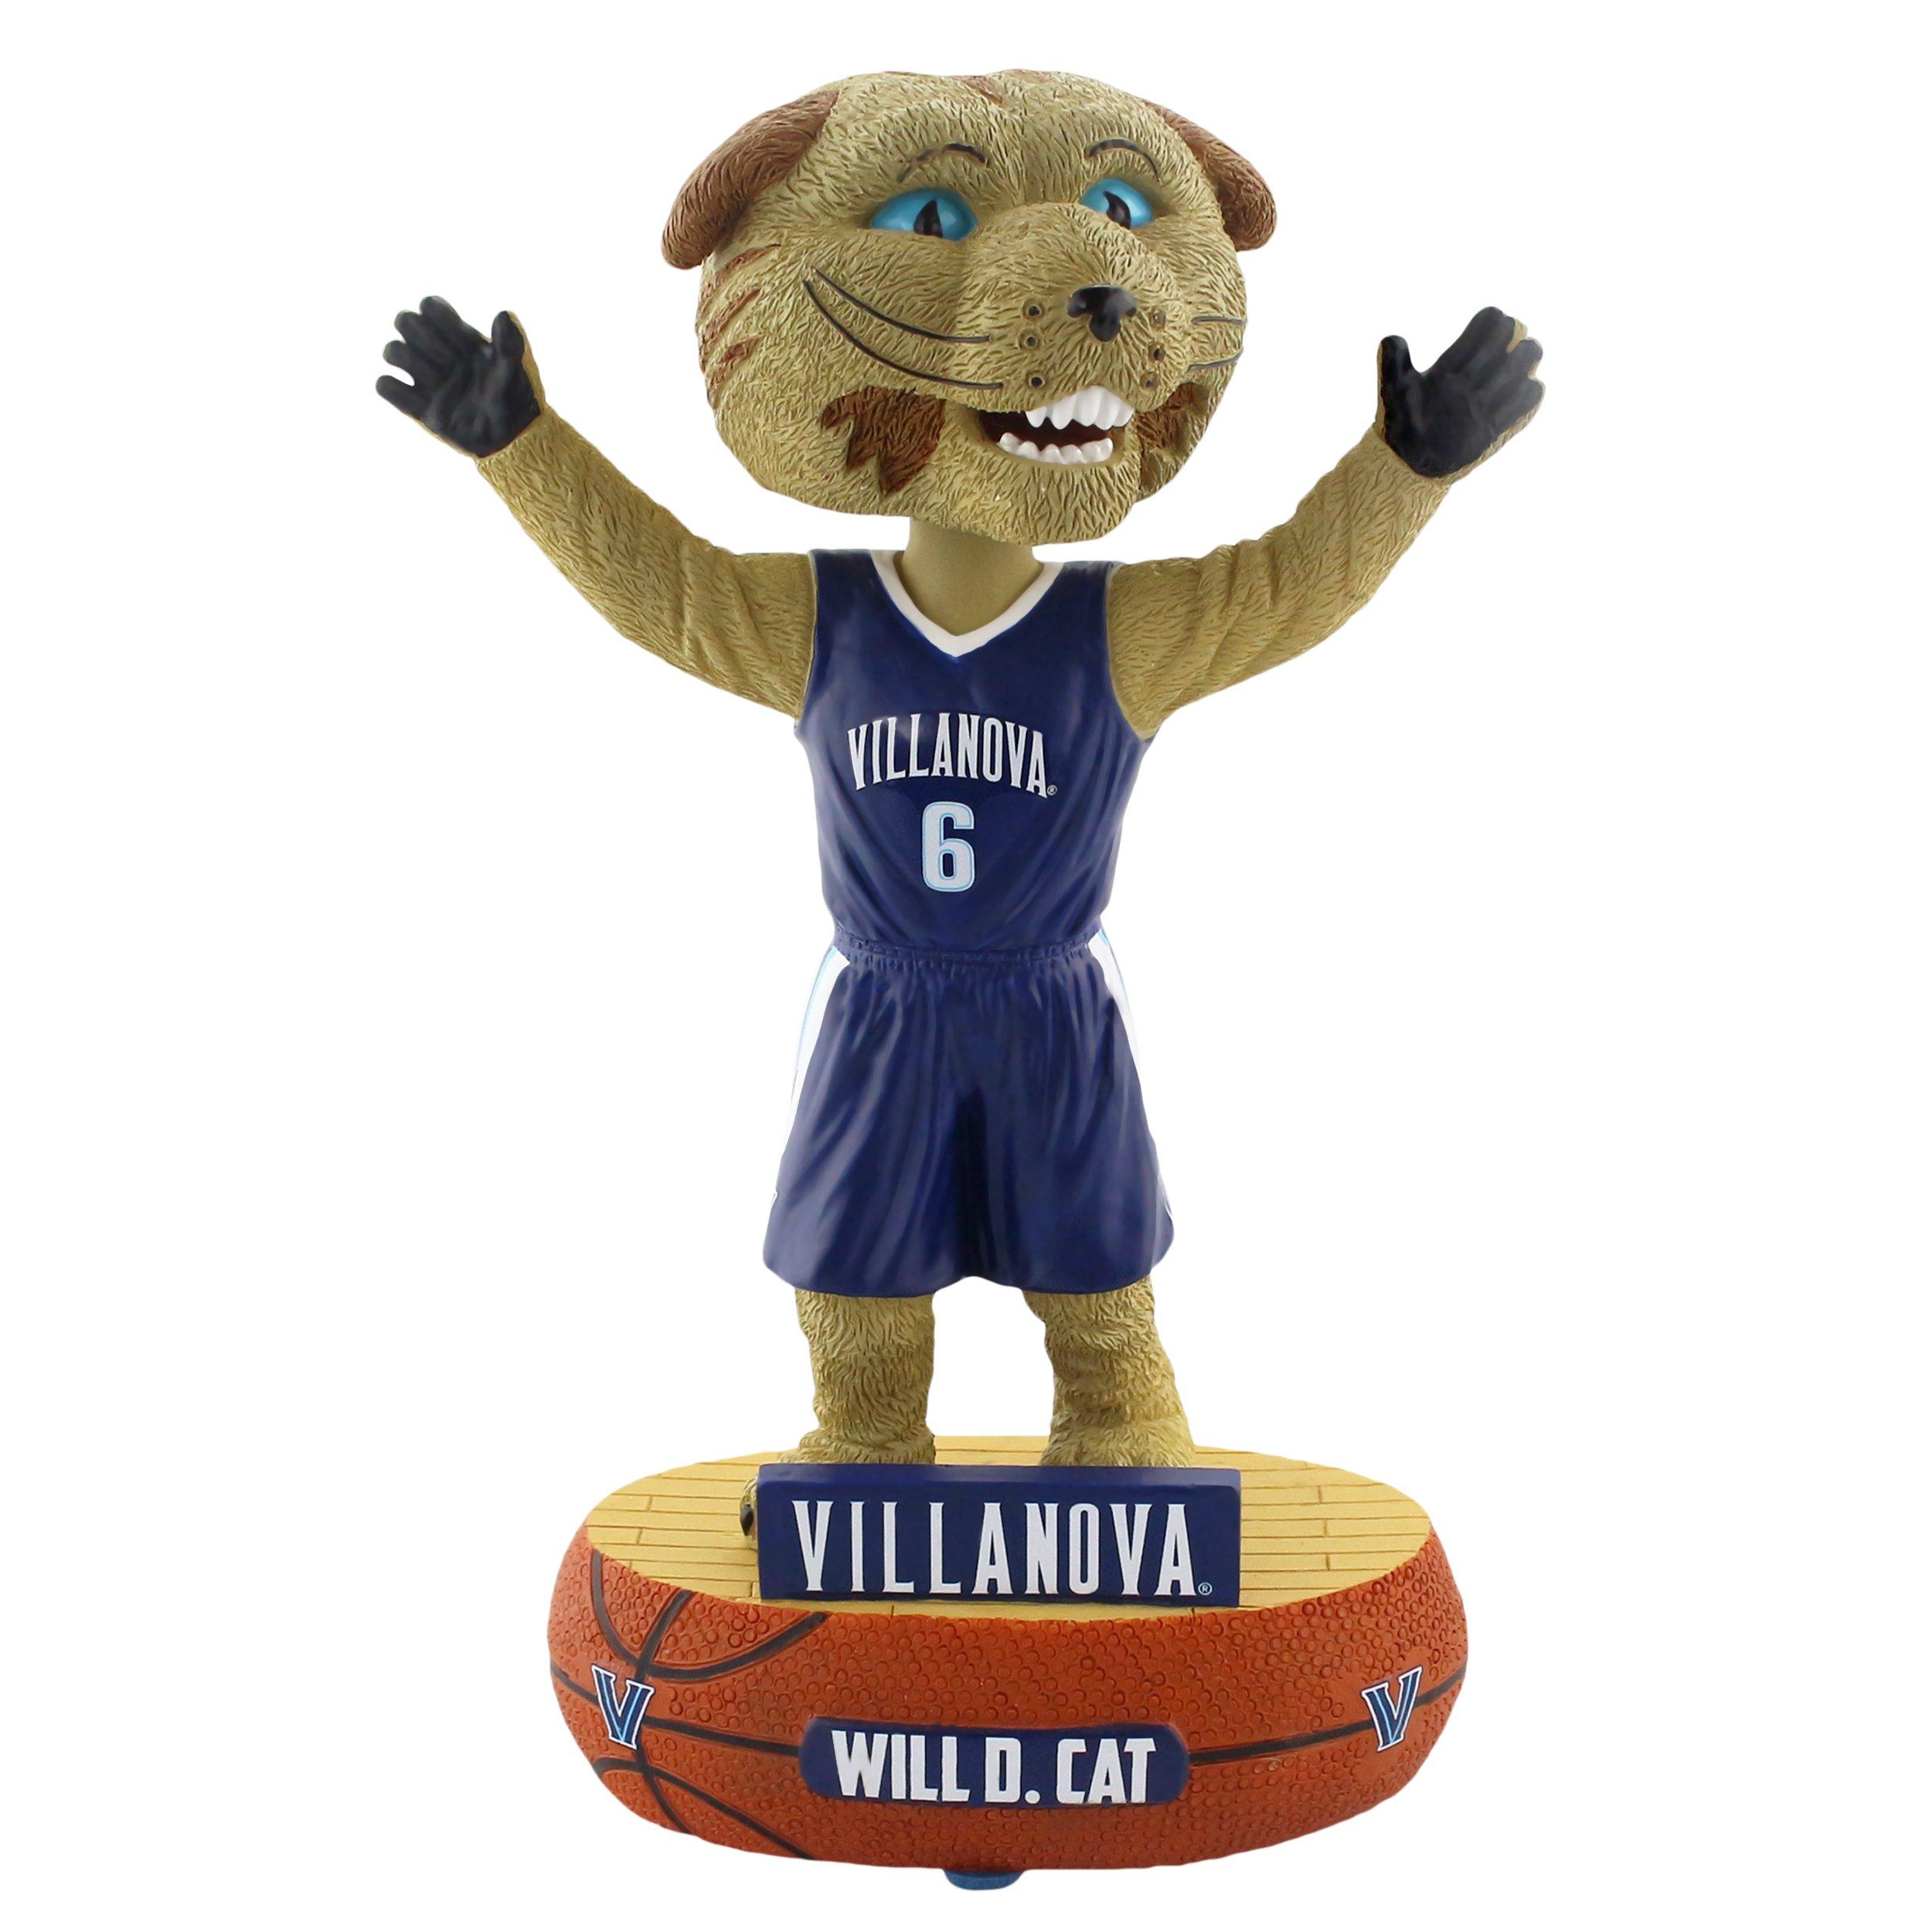 Villanova Wildcats Mascot Baller Special Edition Bobblehead NCAA